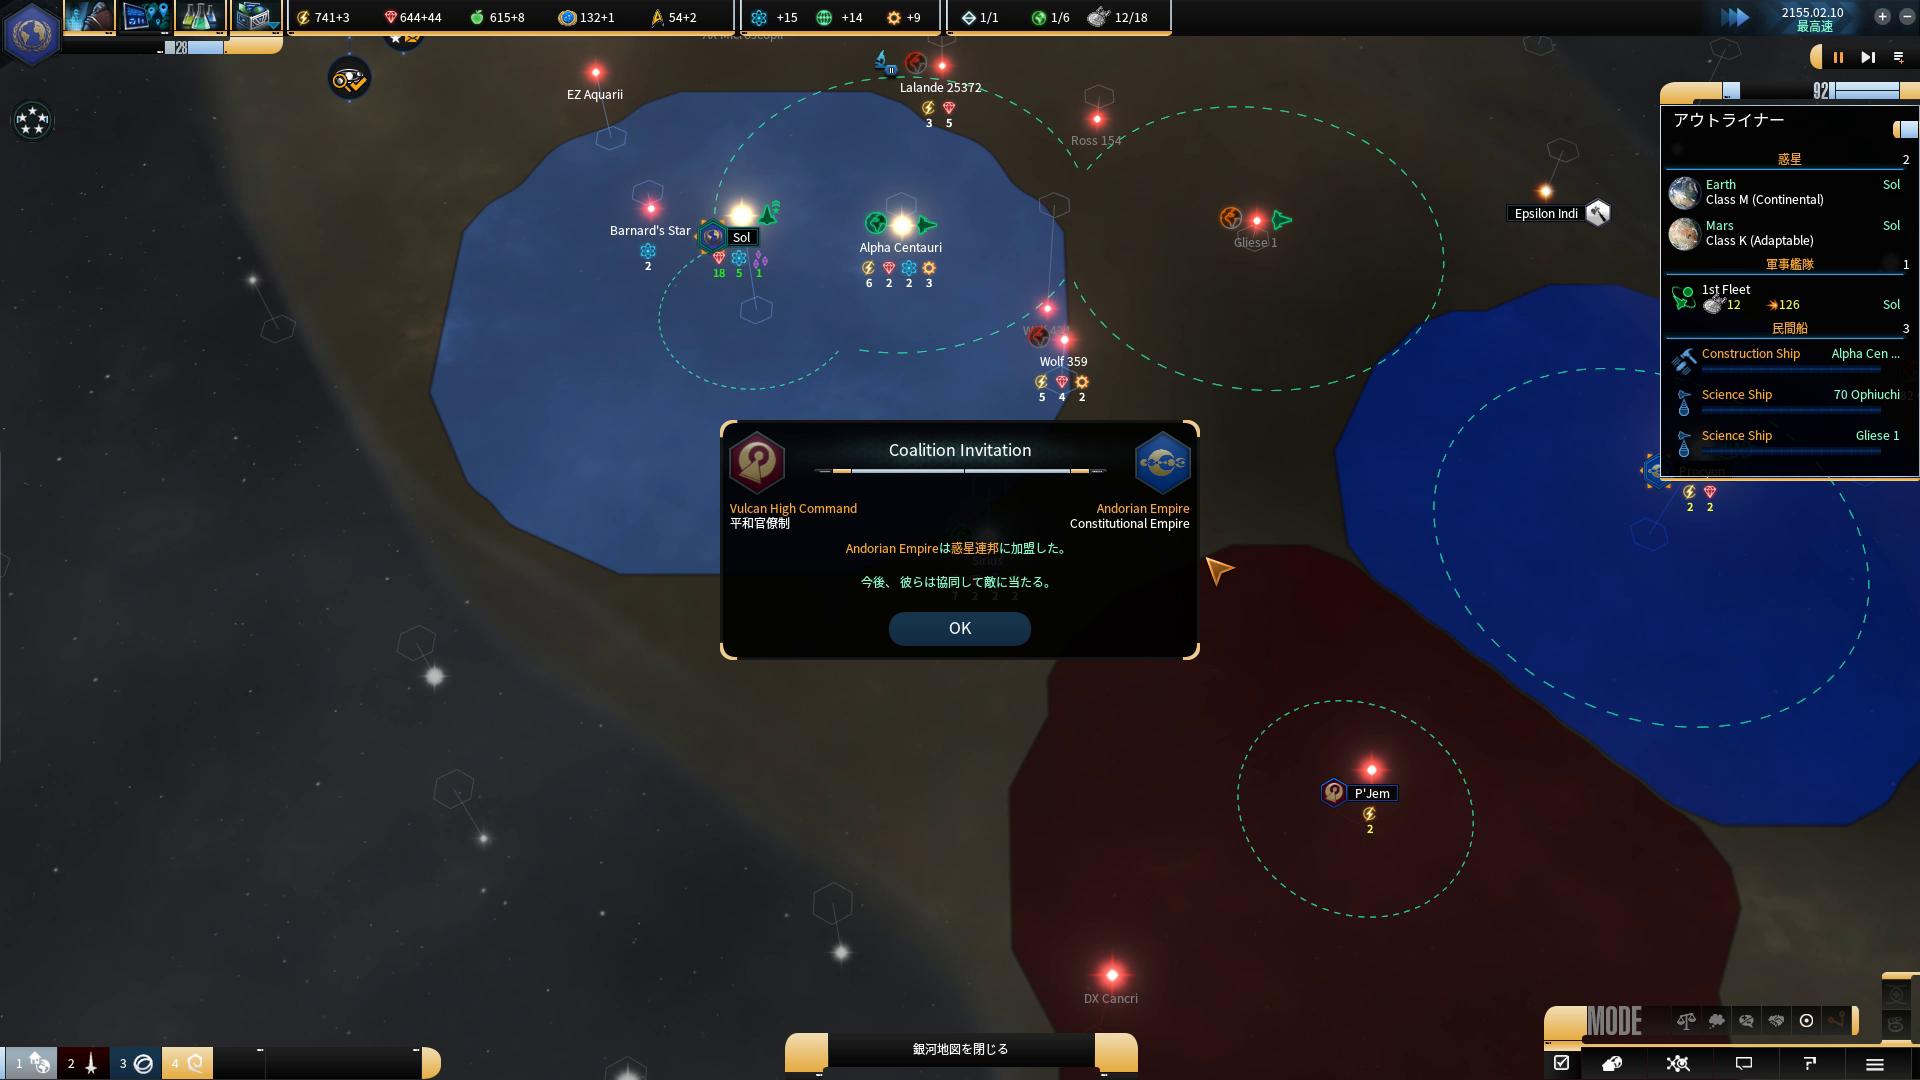 惑星連邦でST:New Horizons #2 ...